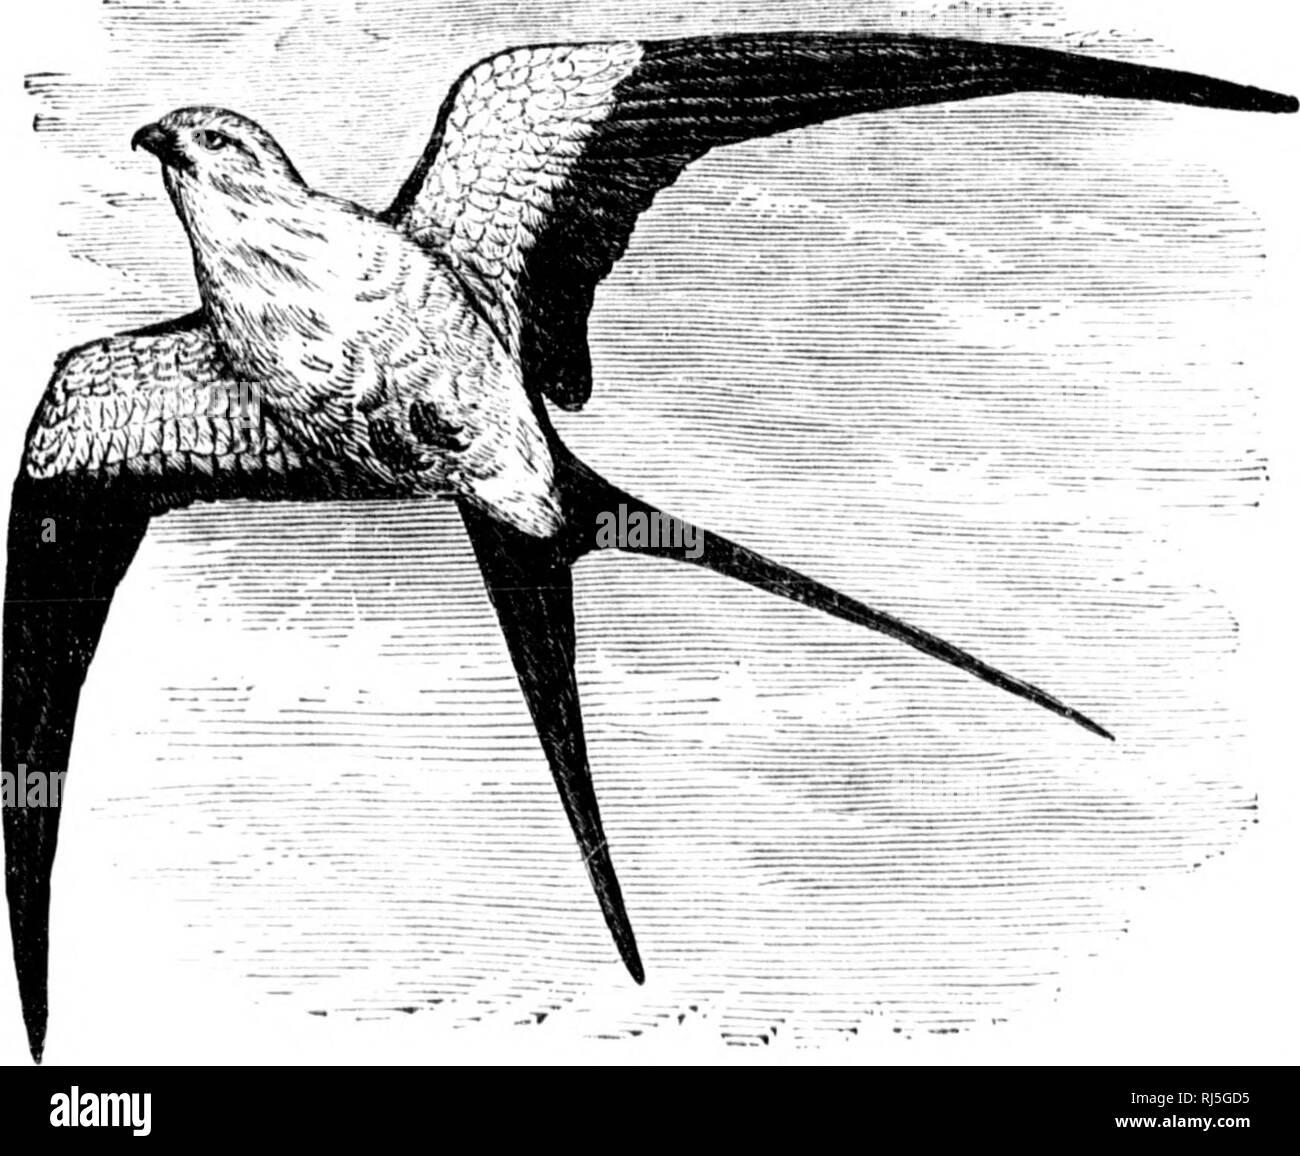 """. Les oiseaux de l'Est de l'Amérique du Nord connu pour se produire à l'est de la quatre-vingt-dixième méridien [microform]. Les oiseaux sauvages, oiseaux, Oiseaux, oiseaux de la famille f. FALCONIDvi;. - IIAWKS KAOLES, faucons, etc. 177 Cloiieral} j""""lumii;o, sootj' entièrement marron ou noir; primaires et la queue, avec plus ou il'f s^^ou blanc ray. American Buse pattue (plumage noir). Archihuti liojajnts tmncti'i)-JDhainiis. Voir n° 281. L'article 2. Troisième plus long, primaire, tarse, non entièrement en drapeau. VVliiif, moins de l',""""; un i)de l'art de l'espace extra-web intérieur primaires, showinjj innnerons imperfeet wliite, bars; thij, blael^hs; darlc marron foncé; Banque D'Images"""